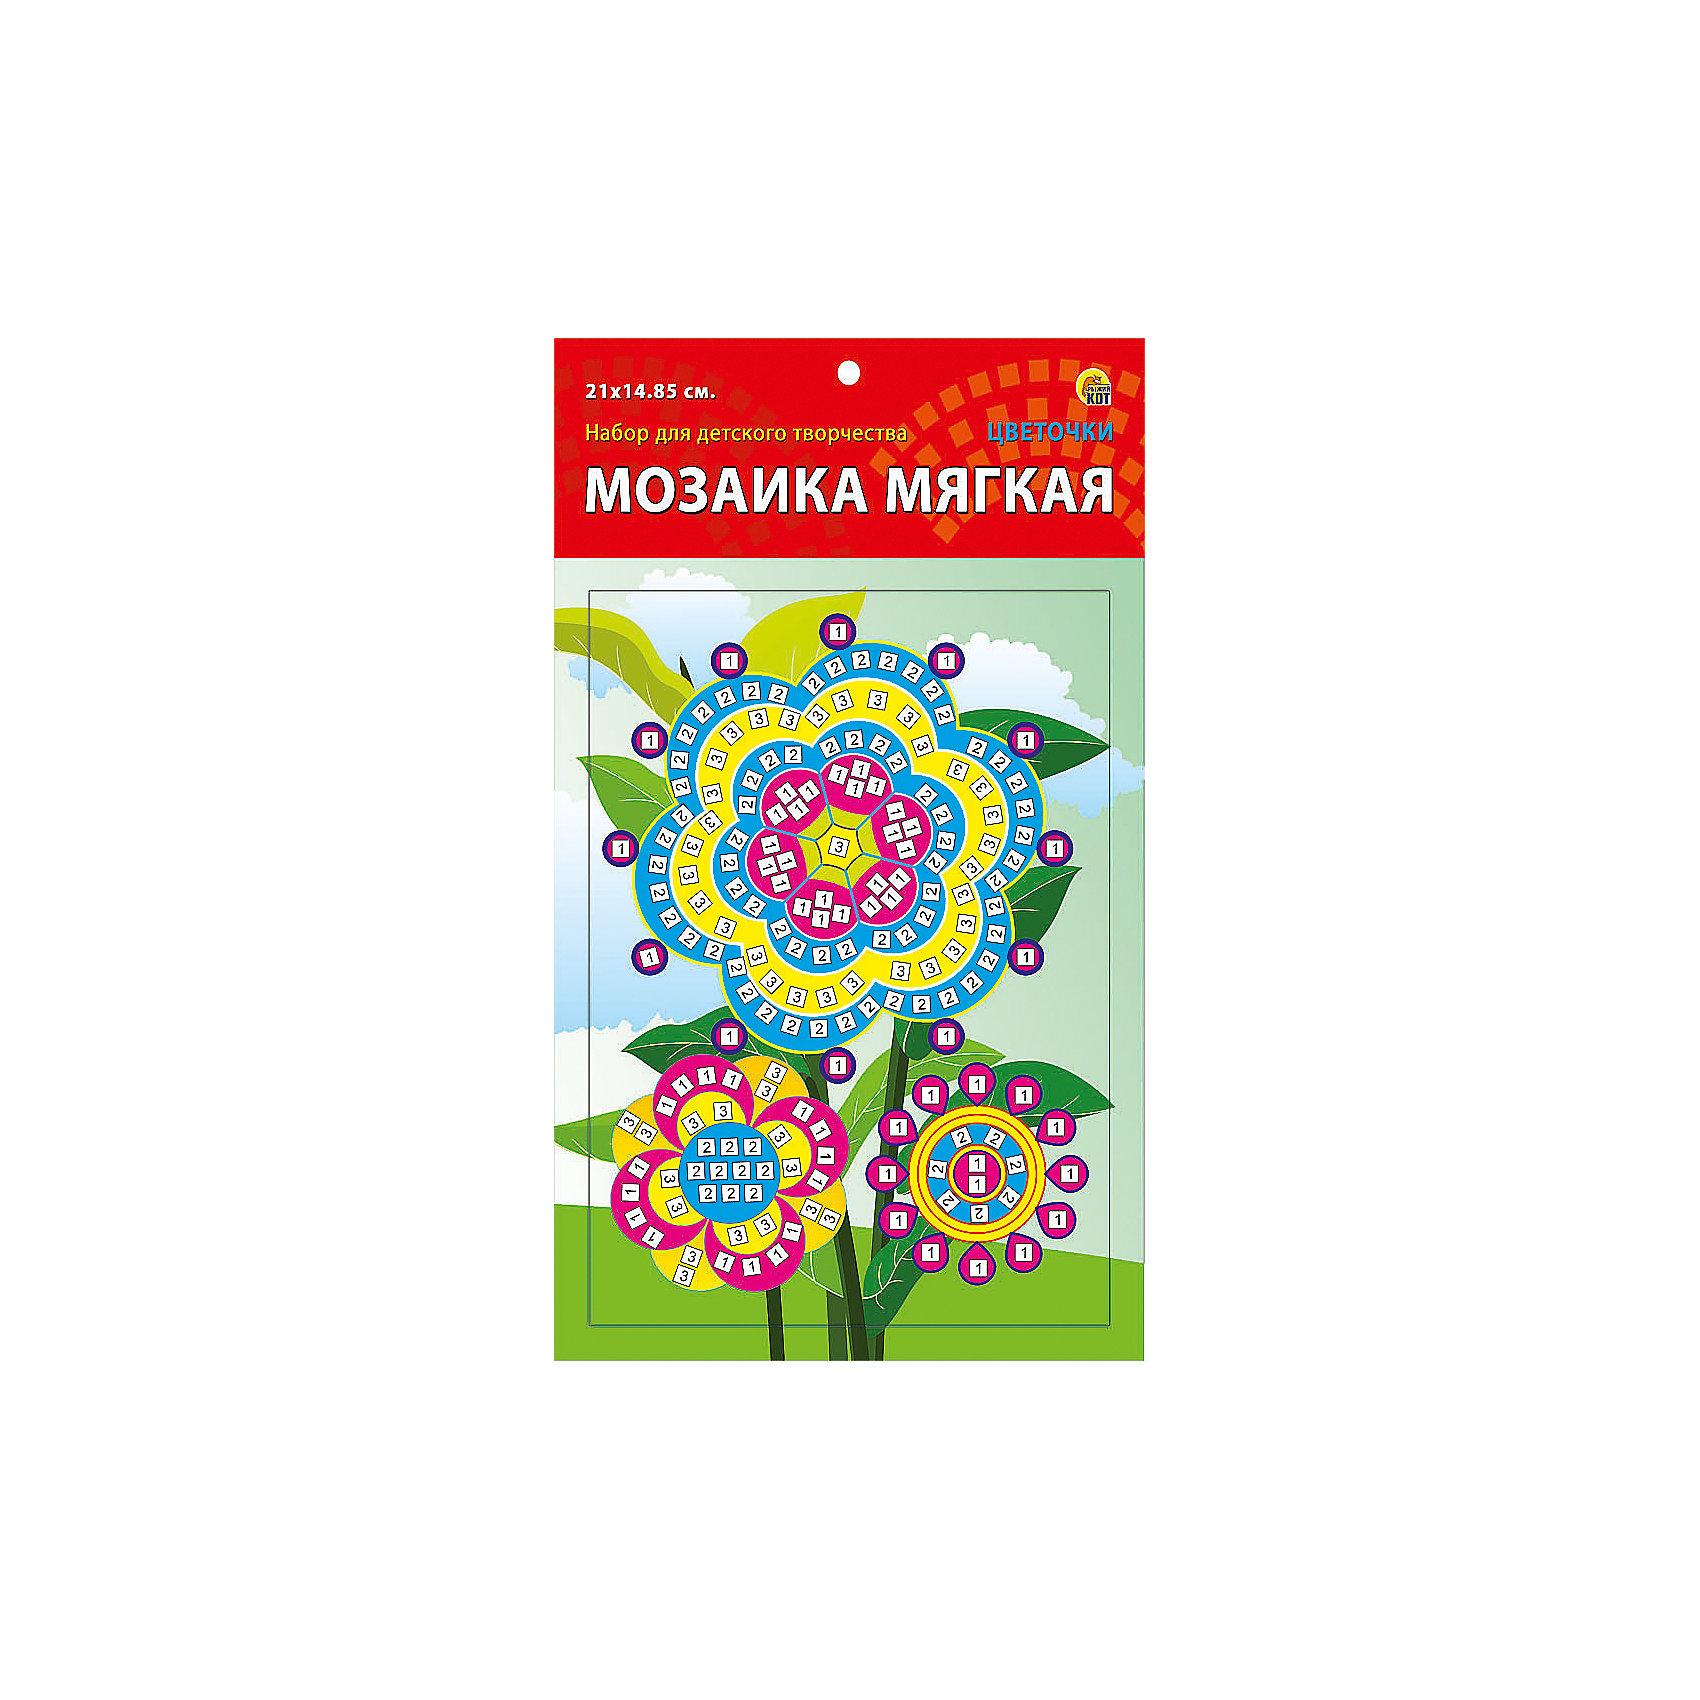 Мягкая мозаика Цветочки формат А5 (21х15 см)Замечательный набор для детского творчества серии Мягкая мозаика станет прекрасным подарком для Вашего ребёнка, ведь он развивает творческие способности, мелкую моторику рук, цветовосприятие, внимание и художественный вкус! Малышу просто необходимо приклеить к пронумерованным областям на картинке детали соответствующих цветов. Набор привлекает ярким красивым дизайном и выполнен из безопасных материалов. Предназначено для детей в возрасте от 3-х лет.<br><br>Ширина мм: 225<br>Глубина мм: 30<br>Высота мм: 180<br>Вес г: 450<br>Возраст от месяцев: 0<br>Возраст до месяцев: 108<br>Пол: Унисекс<br>Возраст: Детский<br>SKU: 5096872